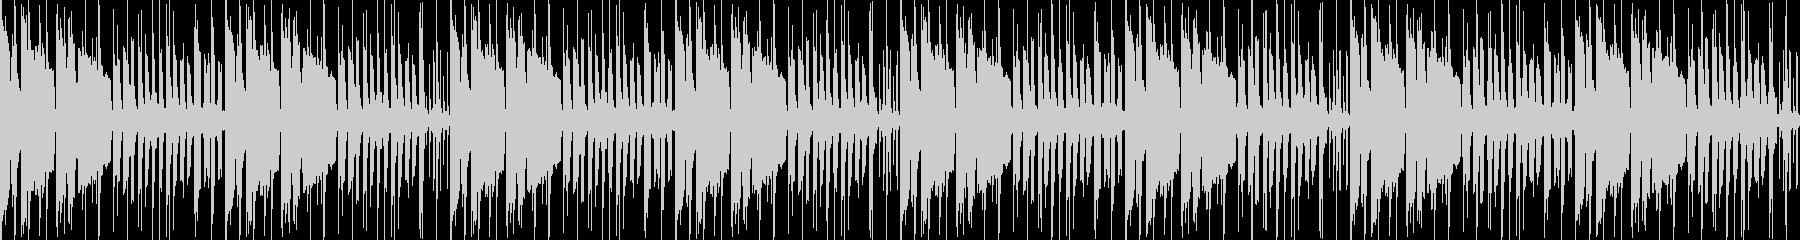 【落ち着いた雰囲気のピアノJAZZ】の未再生の波形